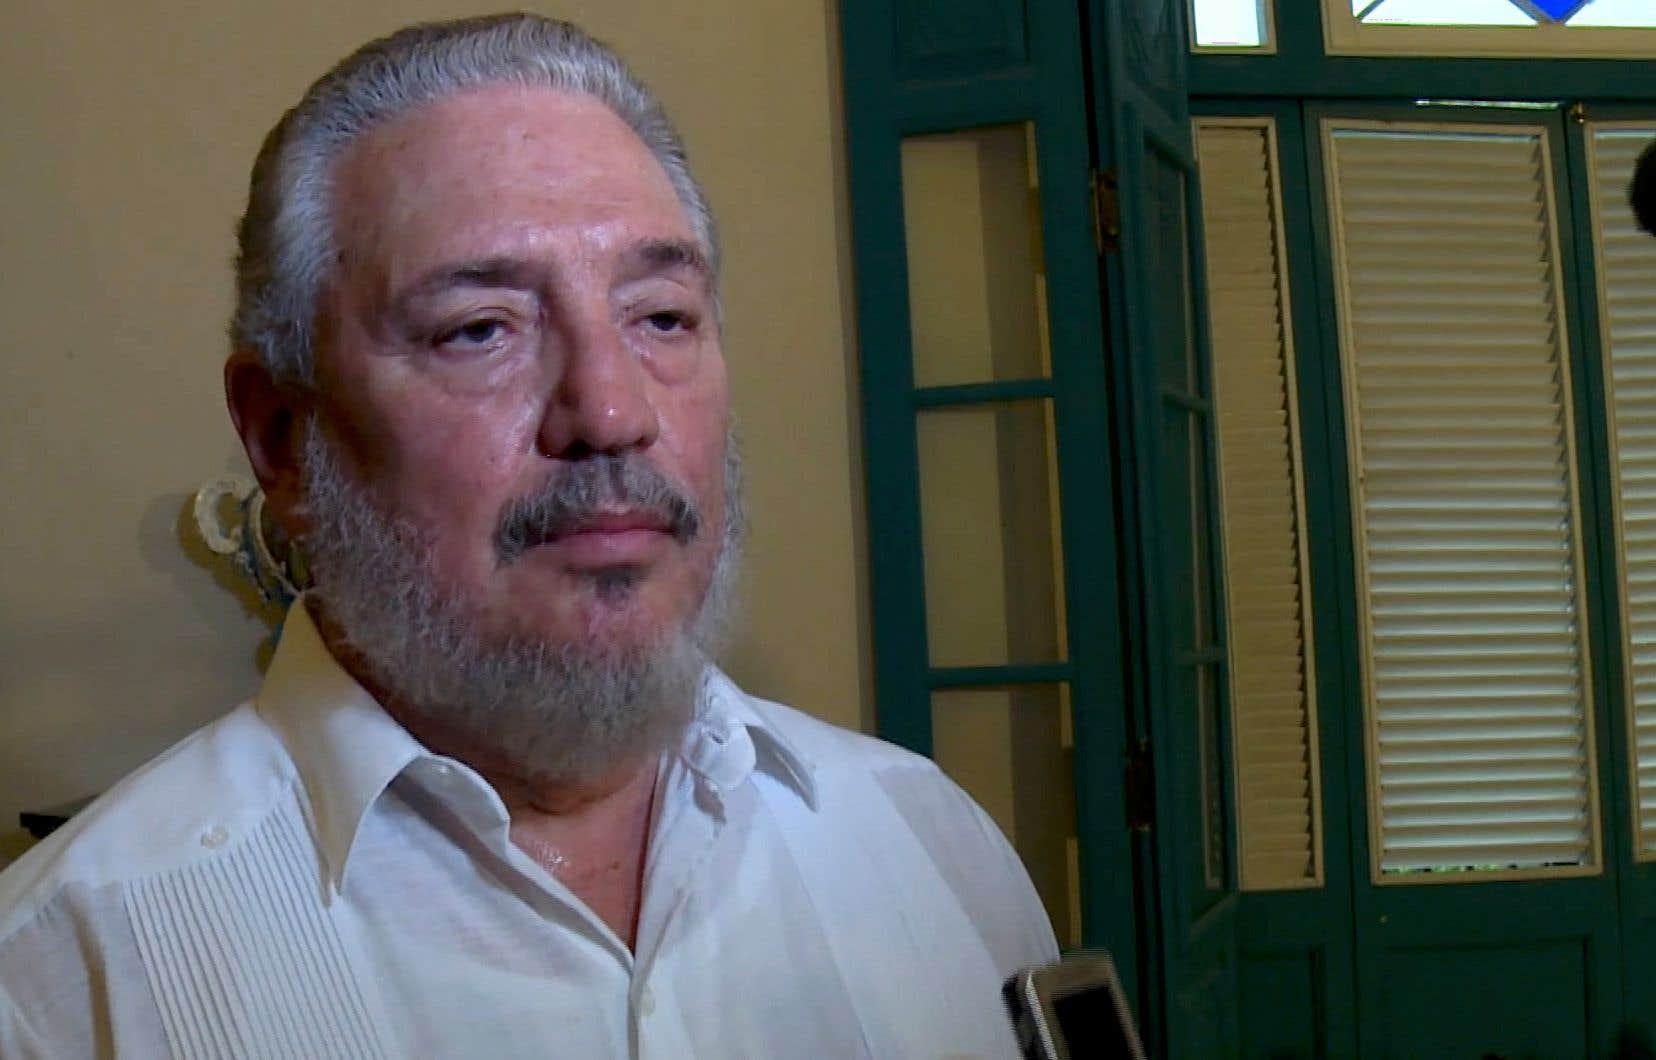 Fidel Castro Diaz-Balart,l'aîné des enfants du fondateur de la révolution cubaine était né du premier mariage de Fidel Castro avec Mirtha Diaz-Balart.